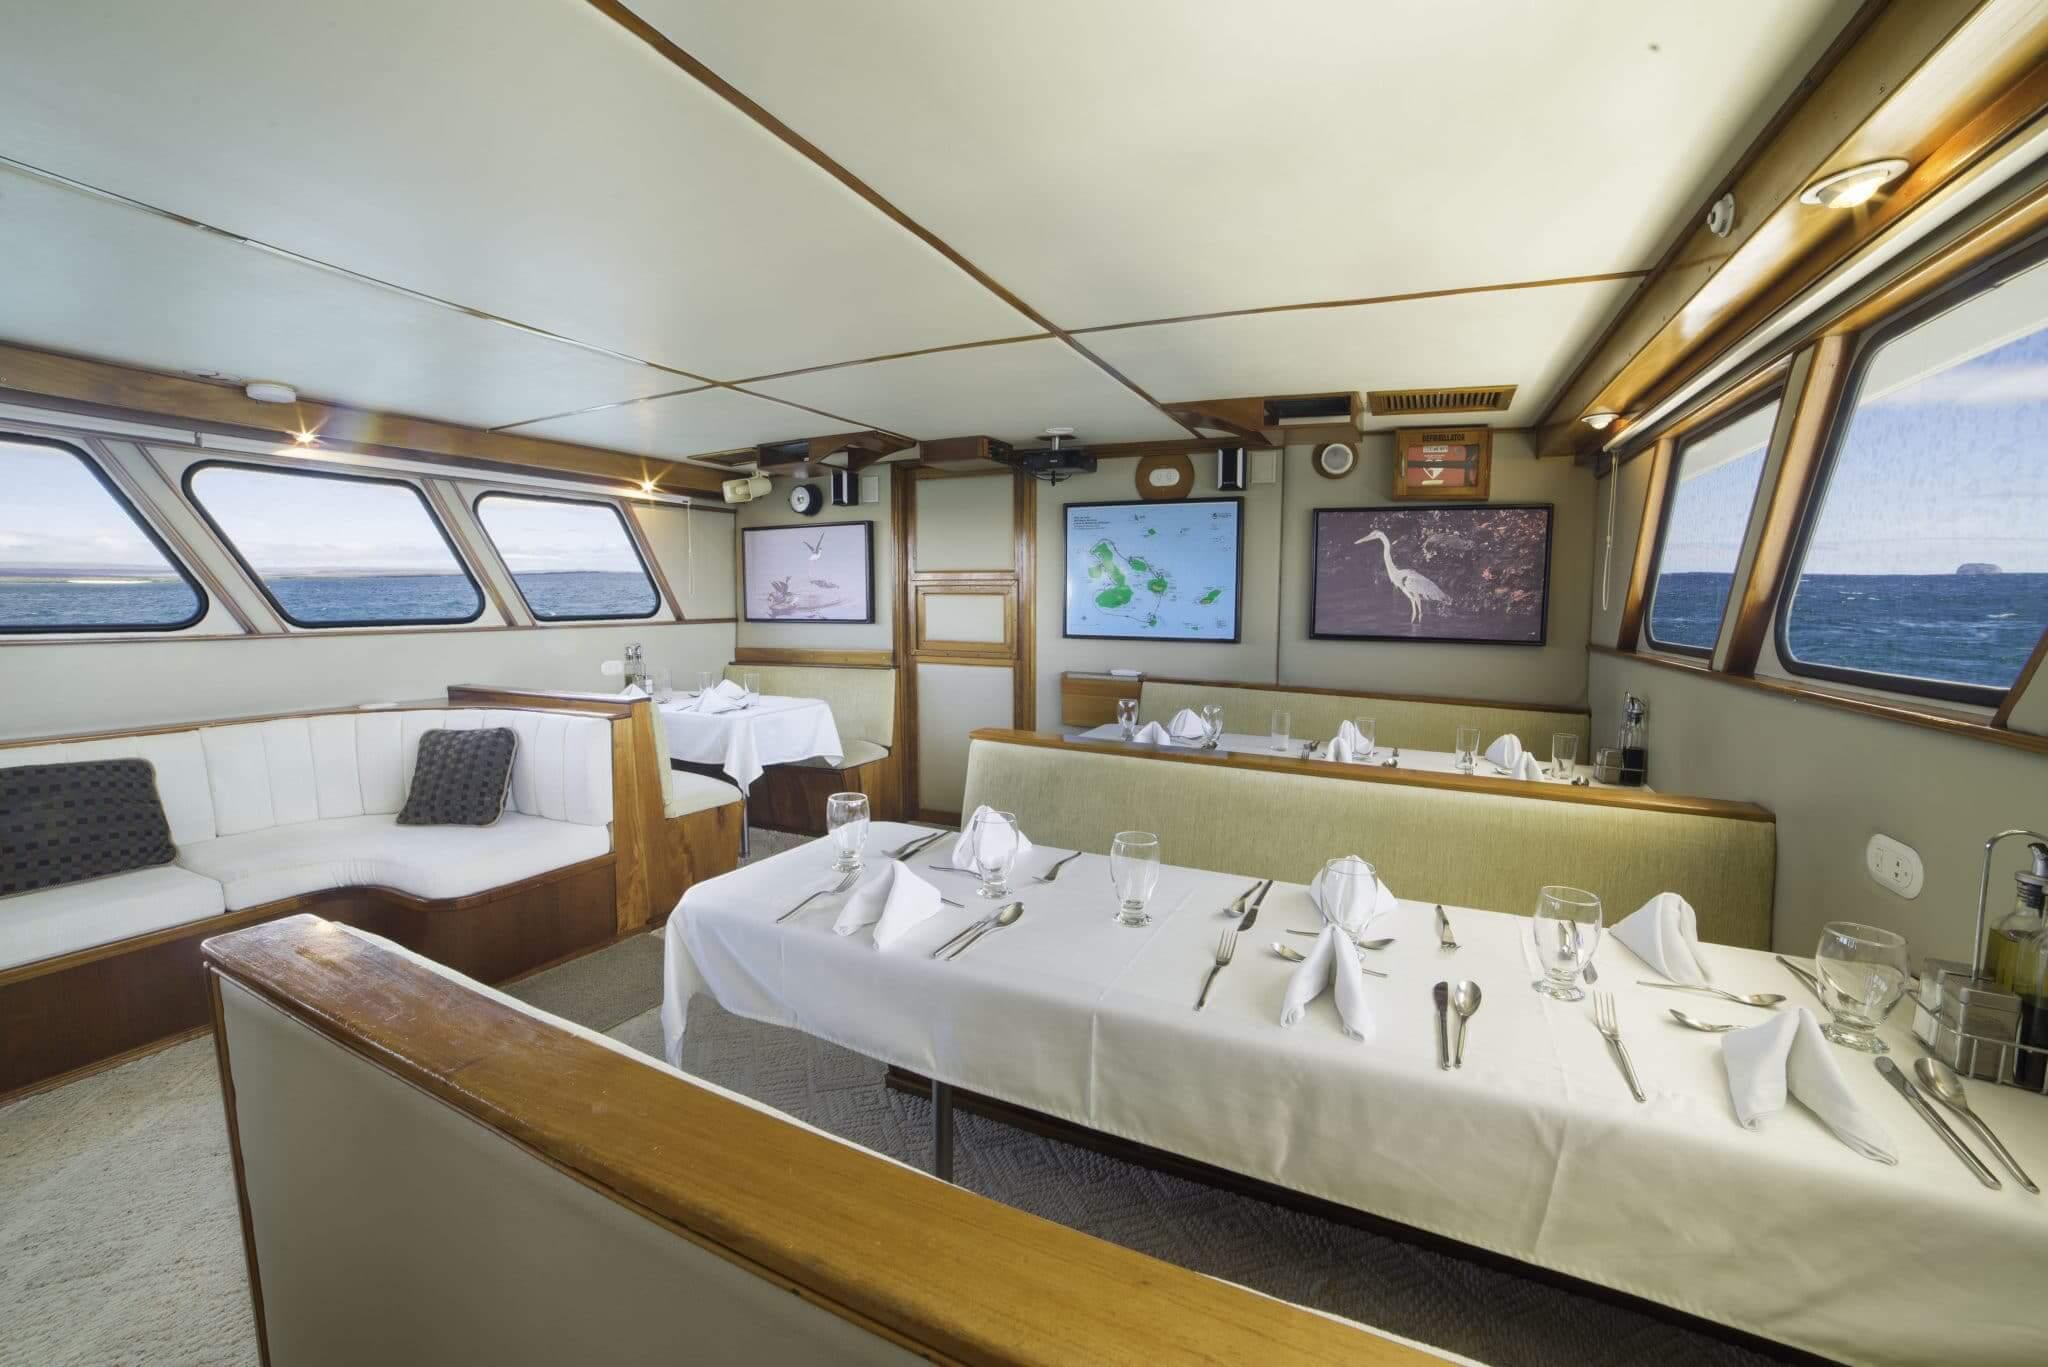 reina-silvia-first-class-galapagos-cruise